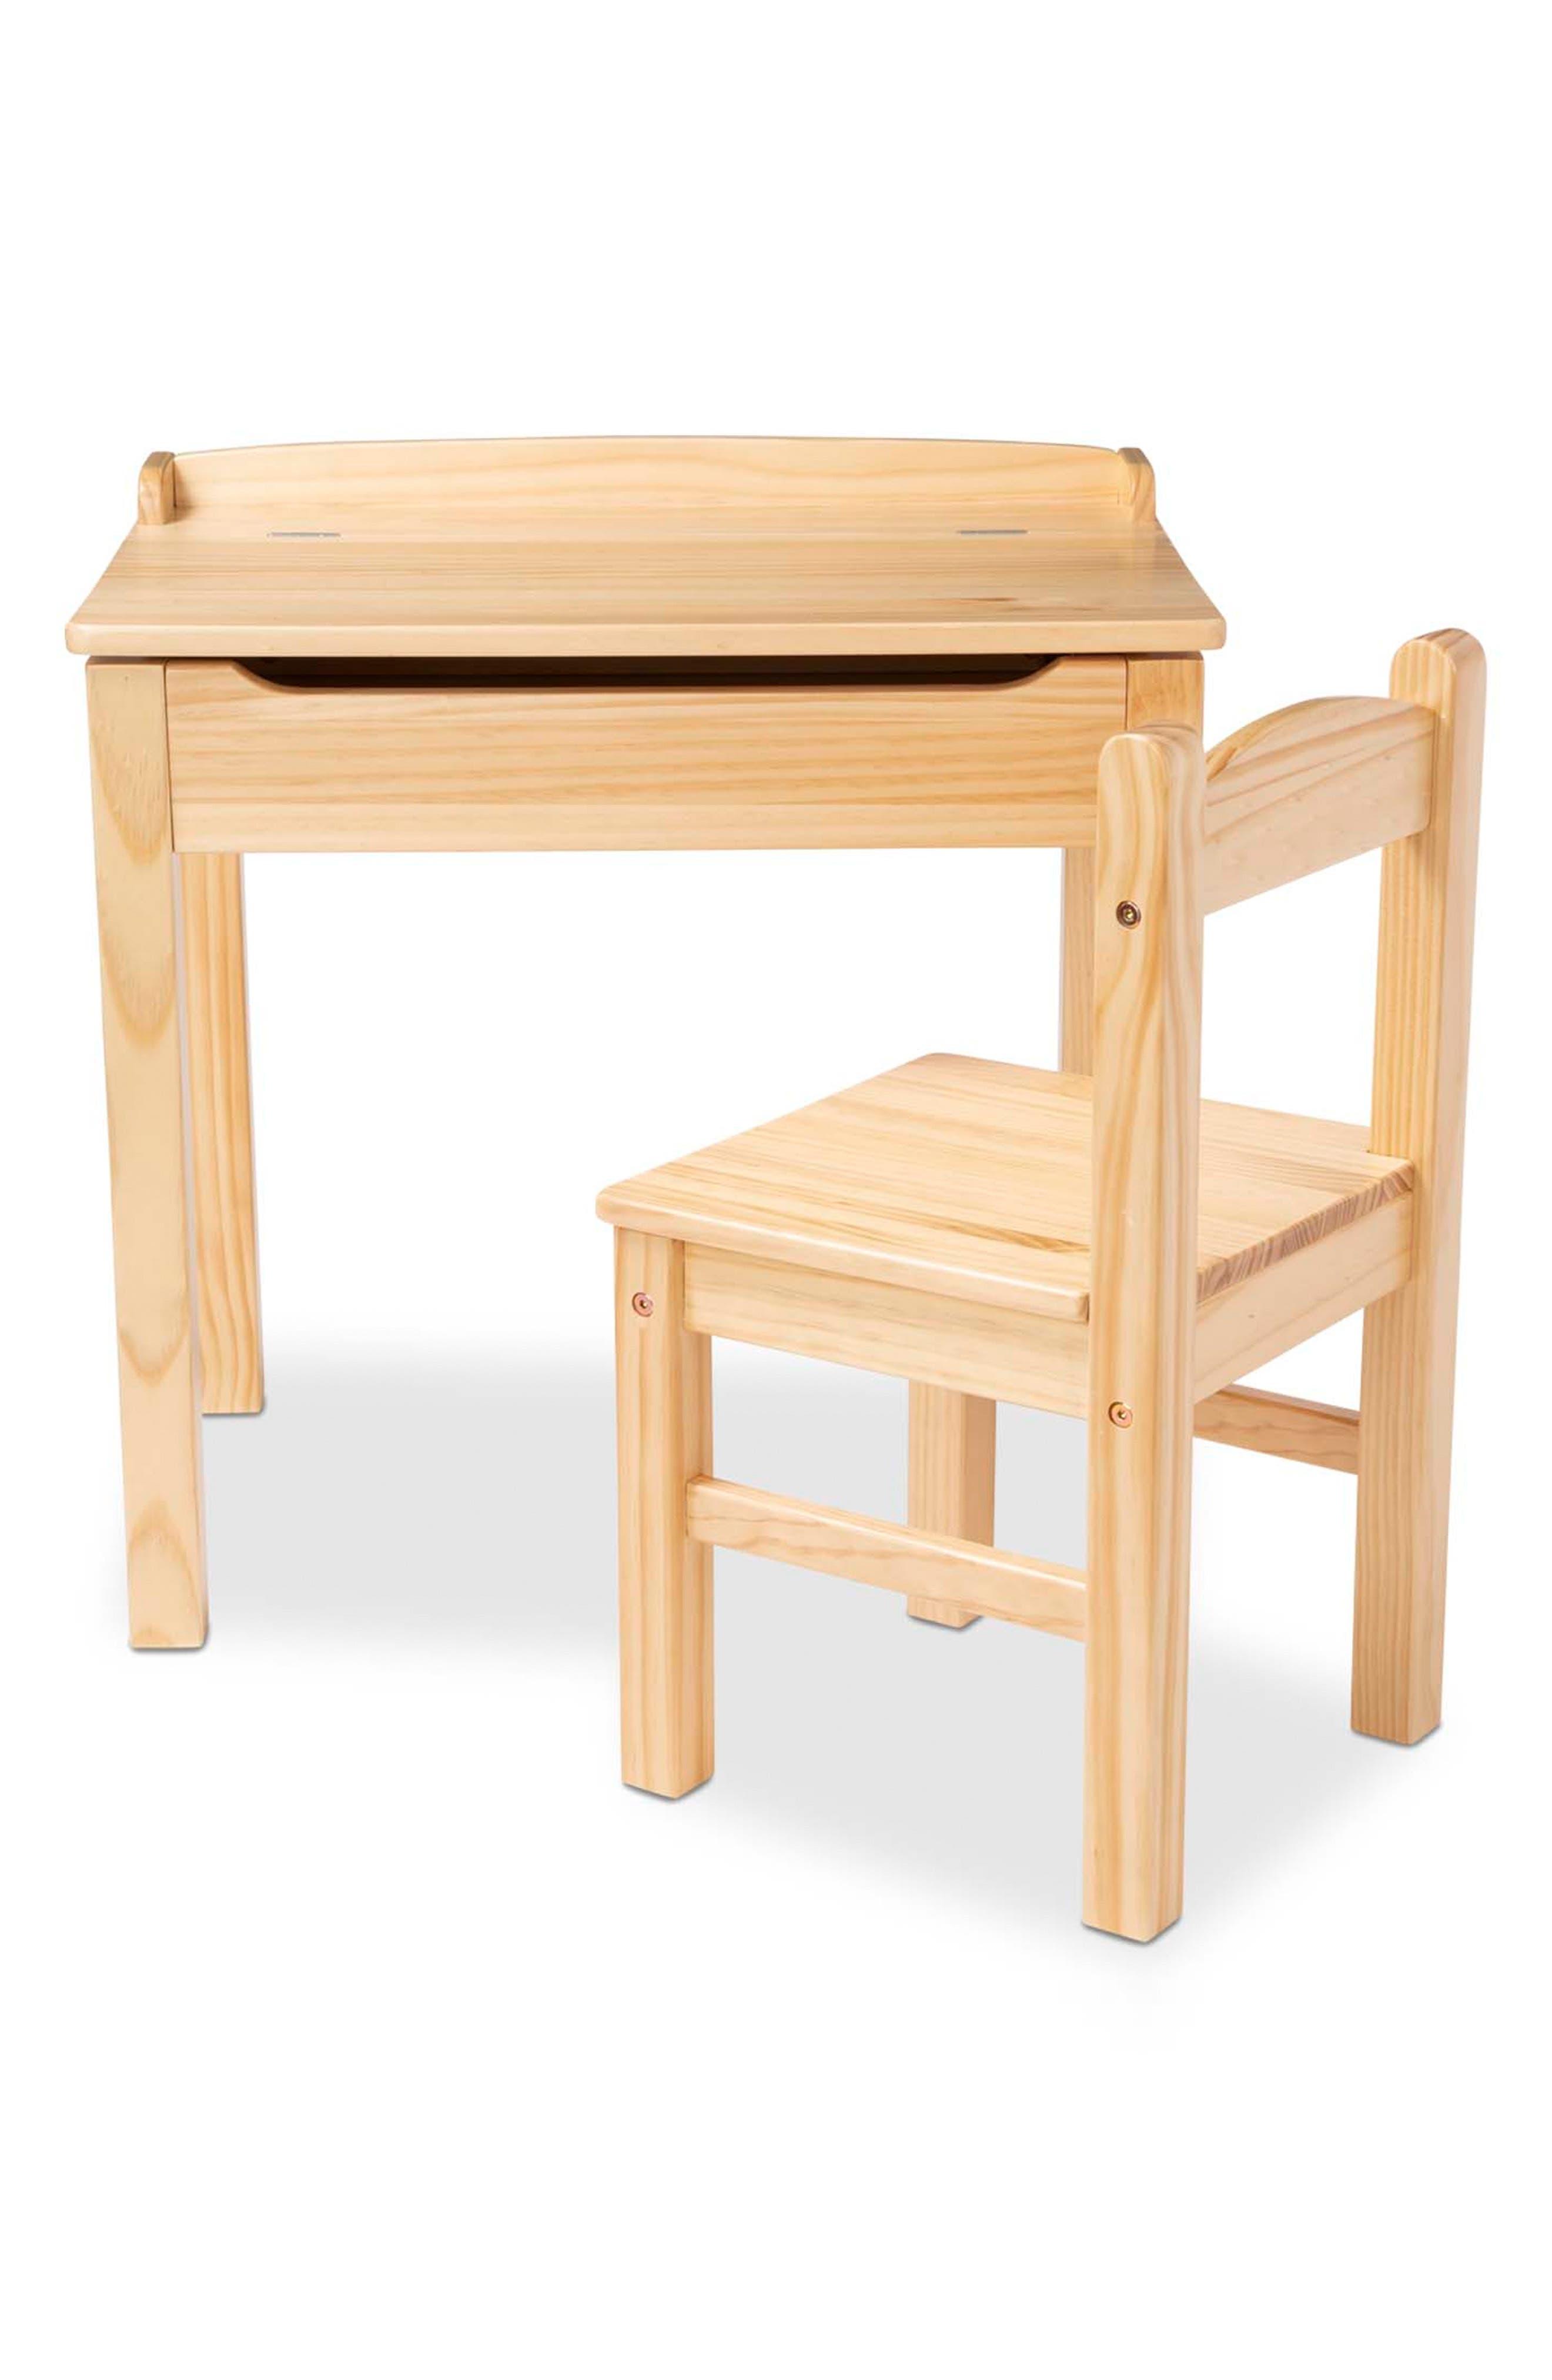 Melissa  Doug Wooden Lift Top Desk  Chair Set